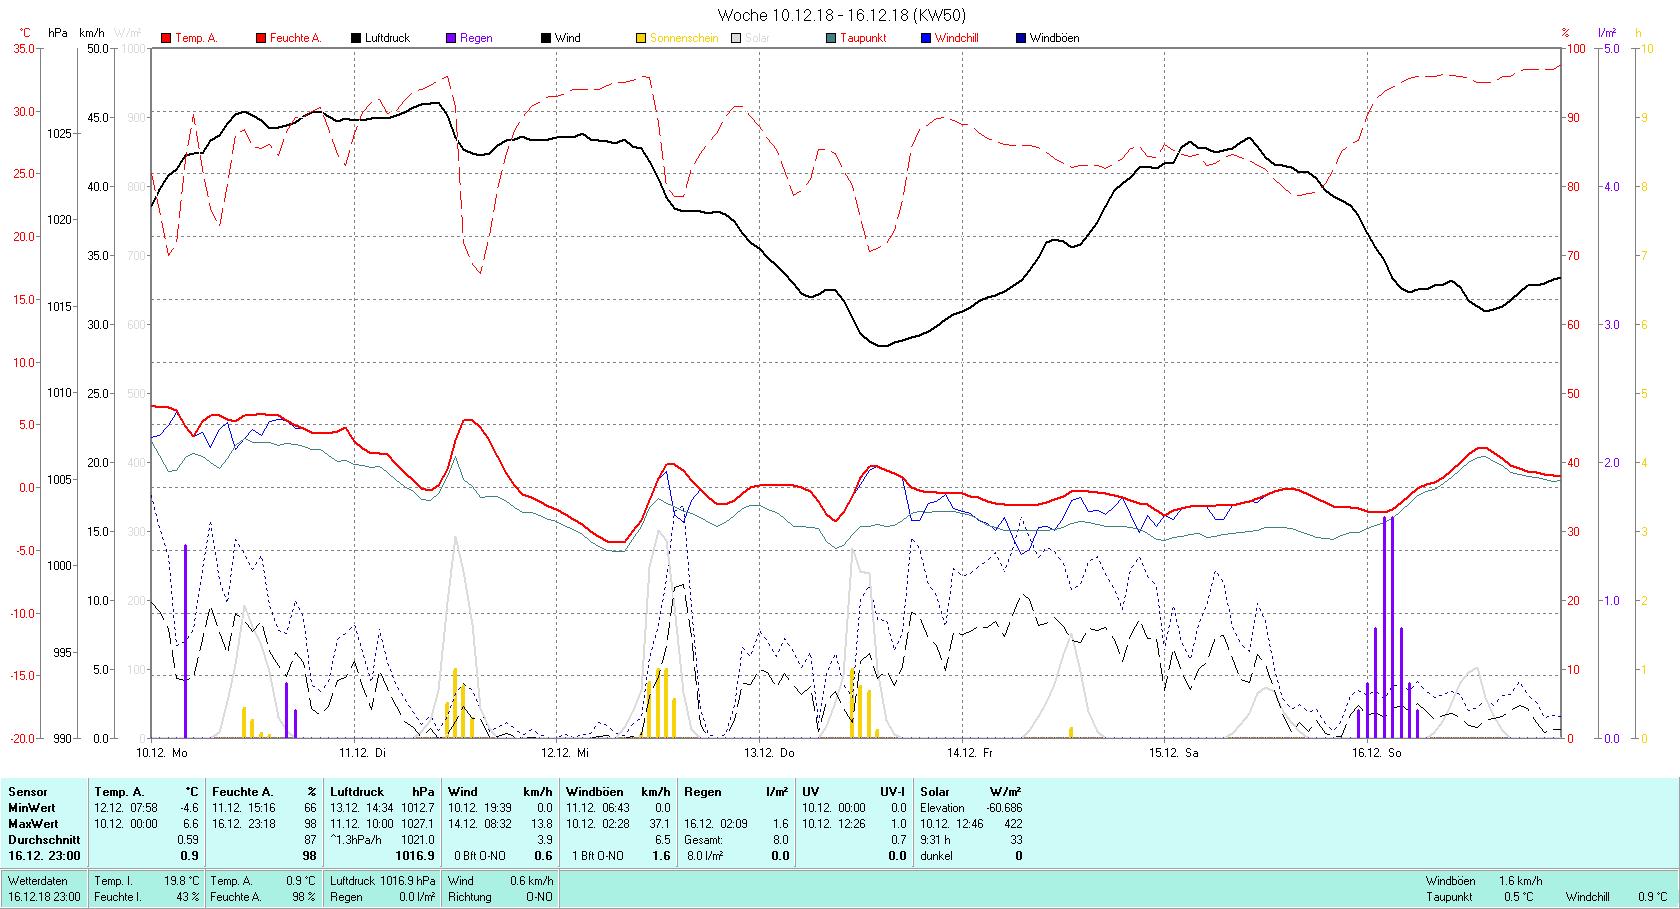 KW 50 Tmin -4.6°C, Tmax 6.6°C, Sonne 9:31 h Niederschlag 8 mm2